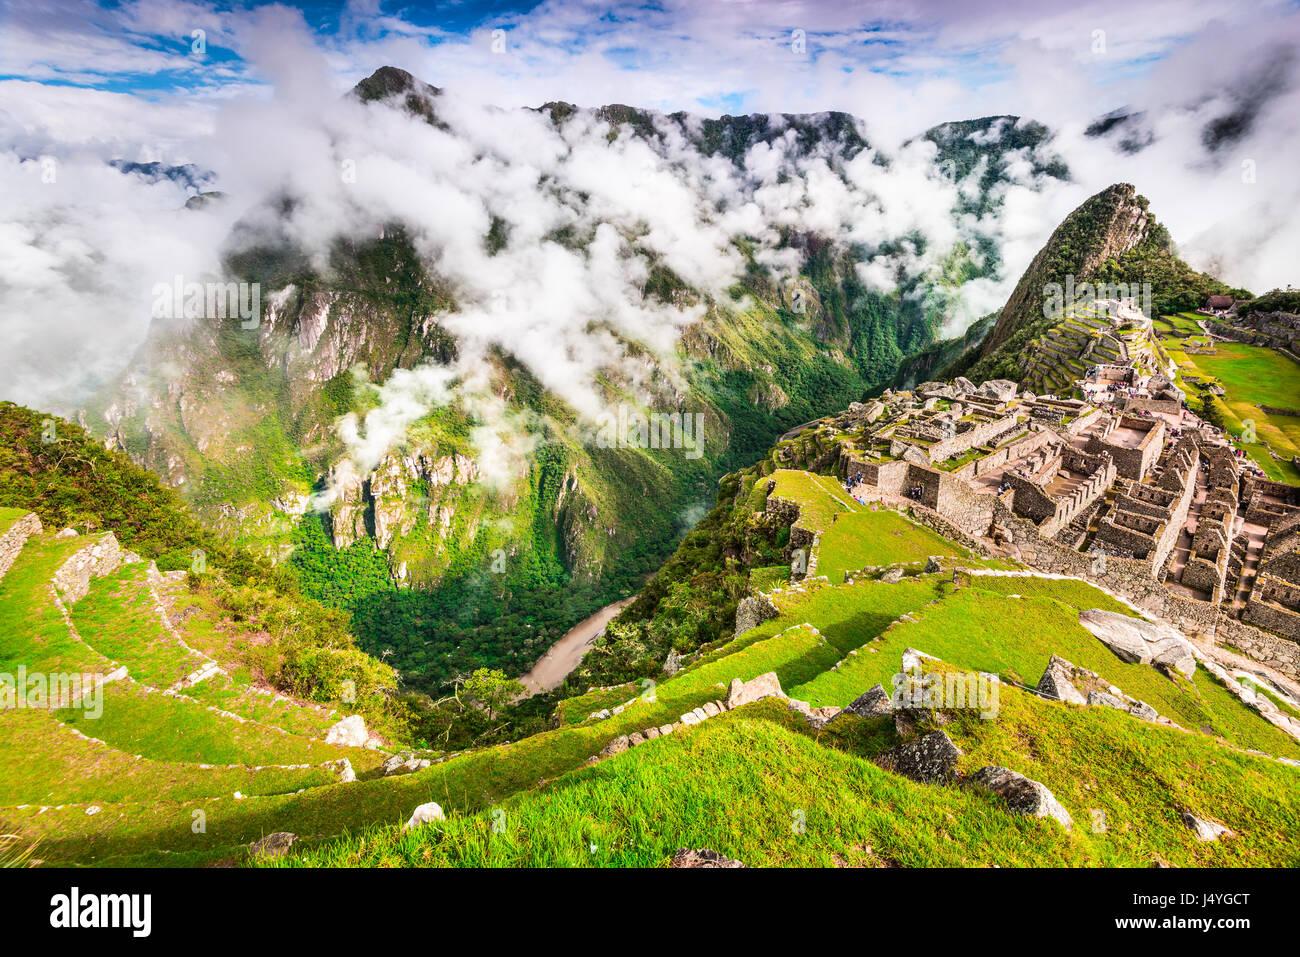 Machu Picchu, Perú - Ruinas del Imperio Inca, la ciudad en la región de Cusco, es un lugar increíble Imagen De Stock